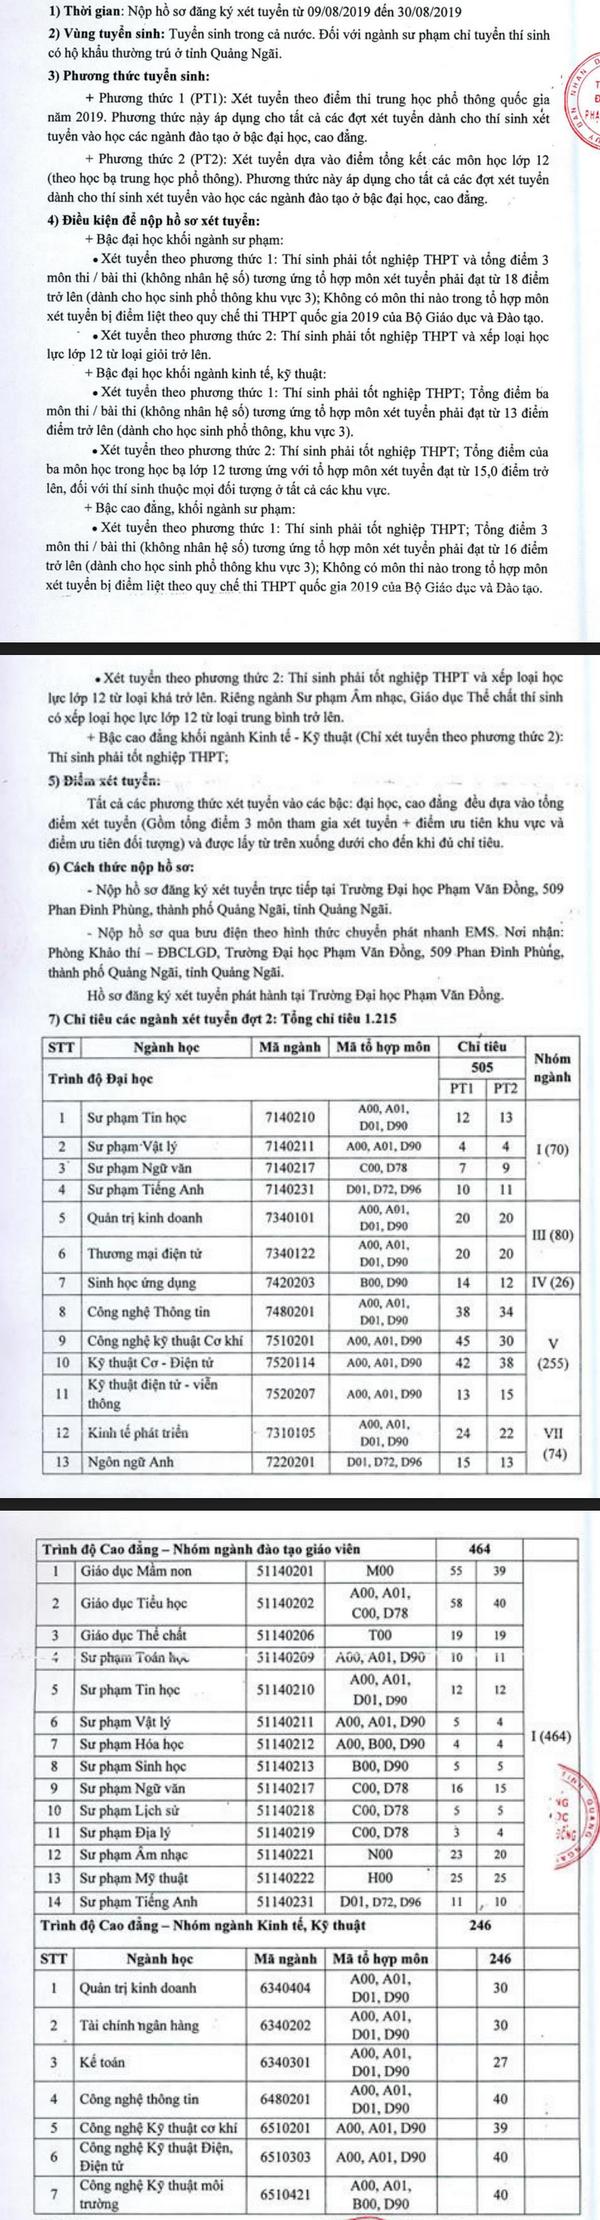 Truong Dai hoc Pham Van Dong thong bao xet tuyen bo sung dot 2 nam 2019